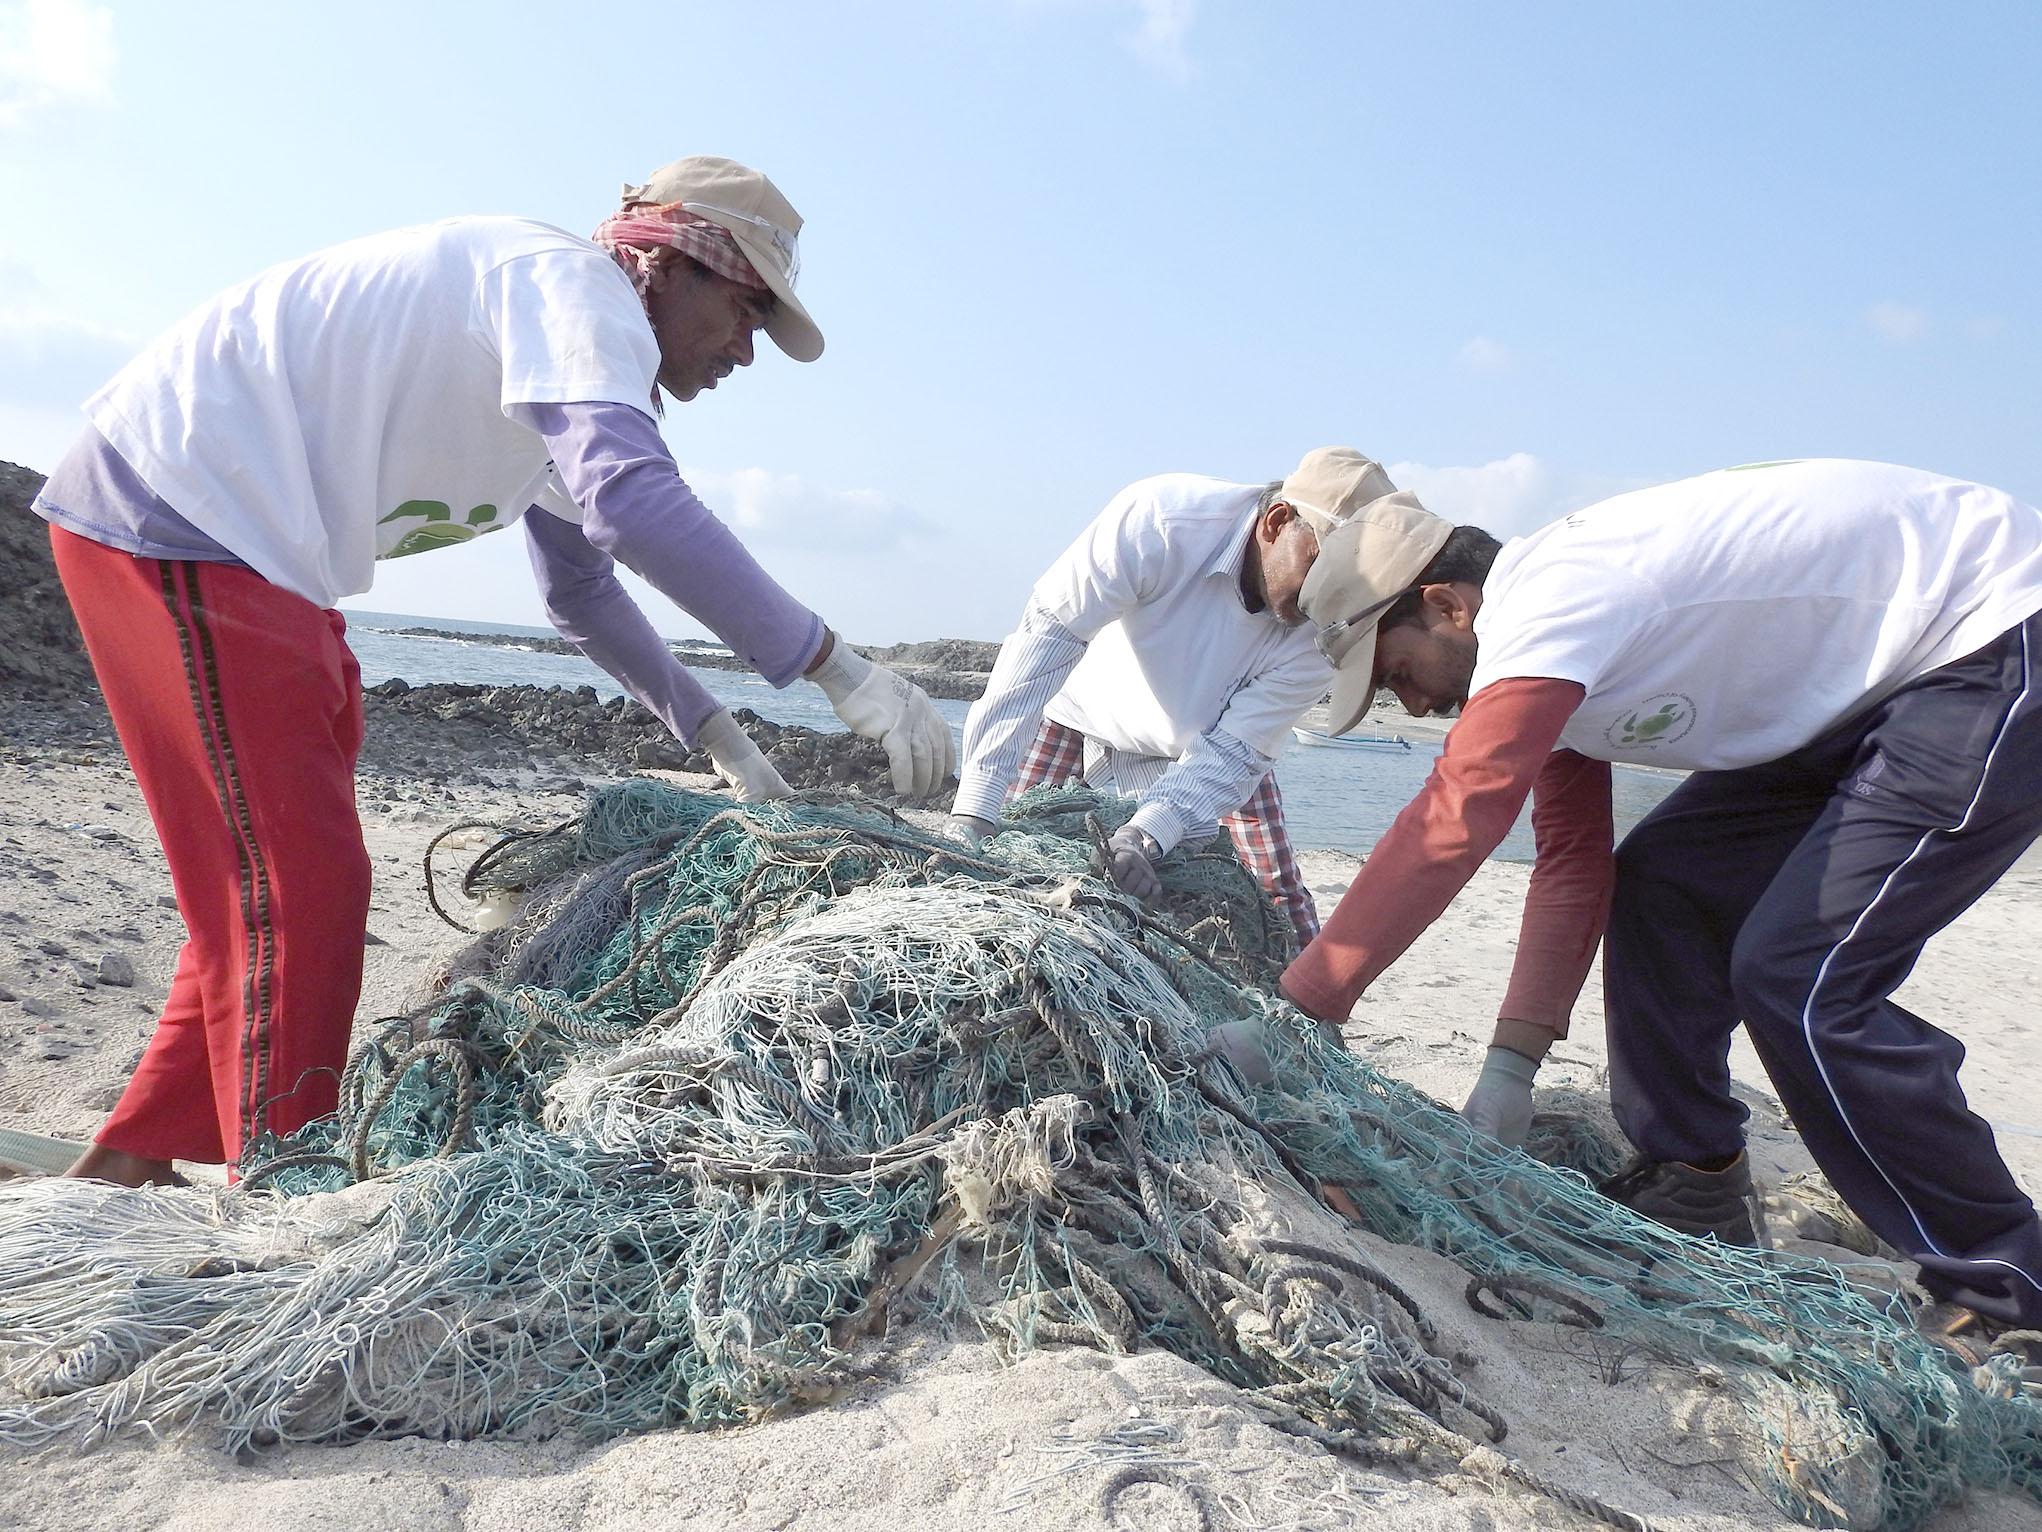 البيئة العمانية تفوز بالمنحة الصيفية لإستدامة السلاحف البحرية